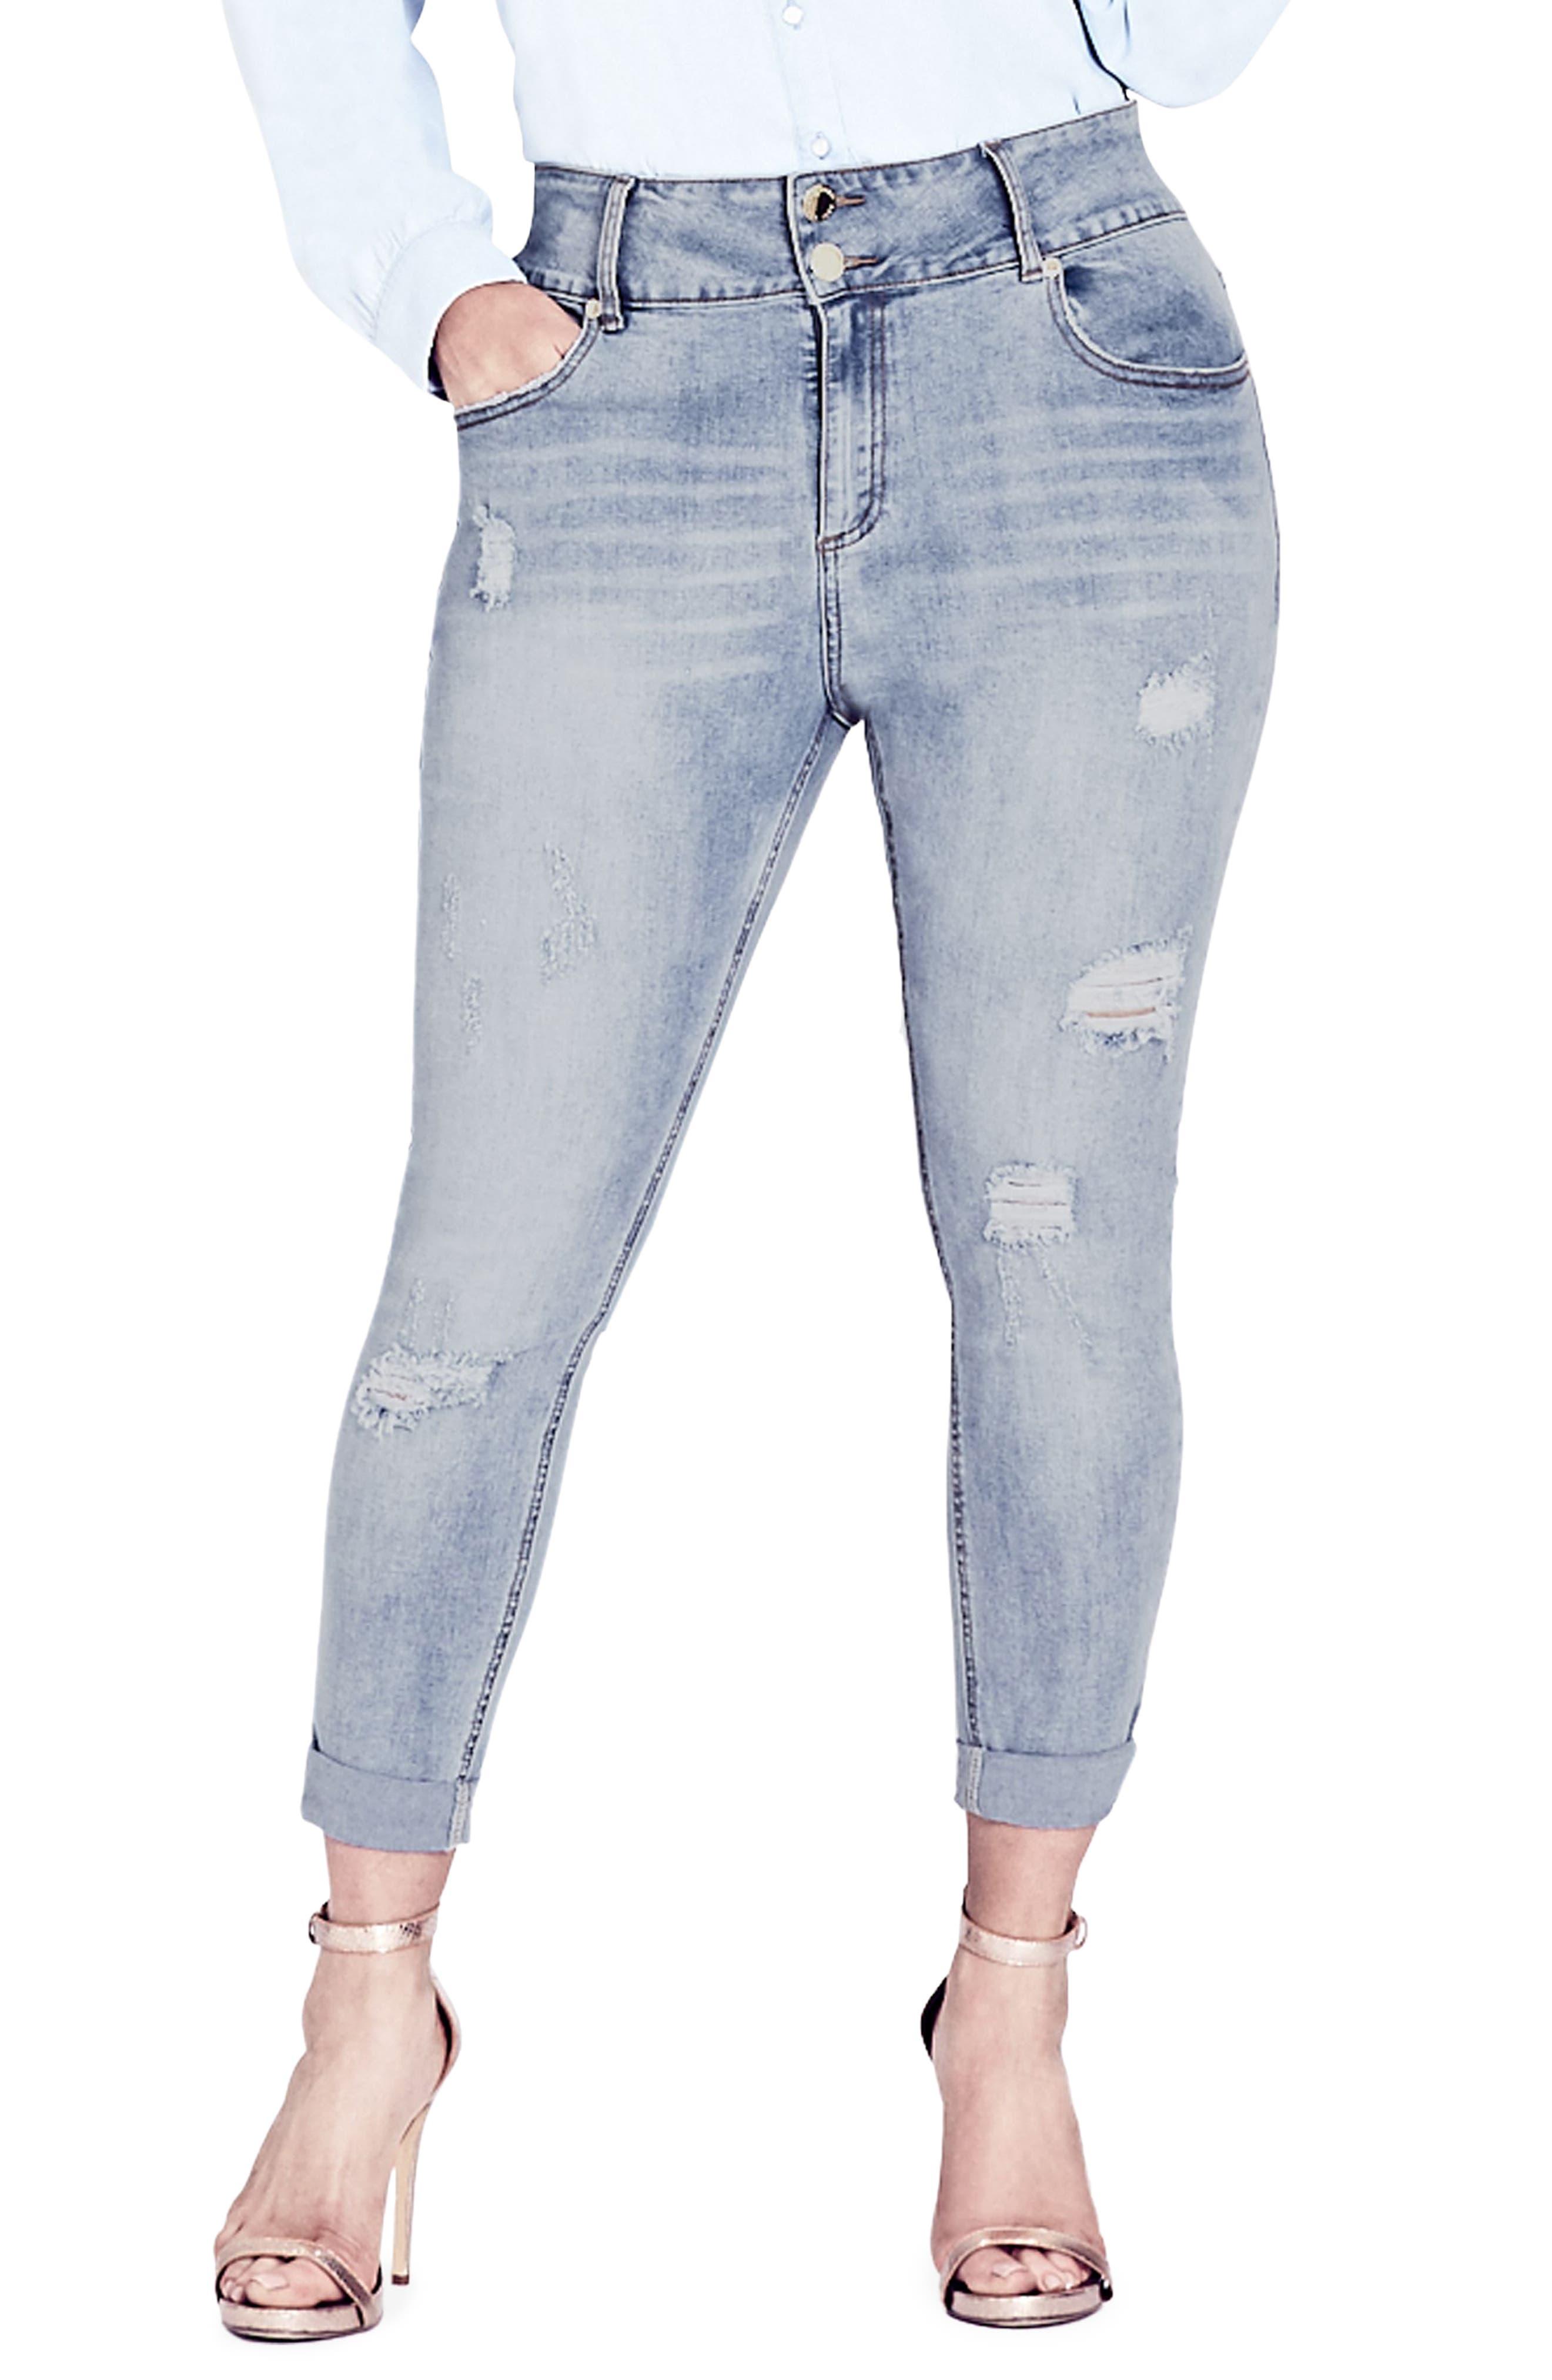 Asha Rip & Roll Jeans,                             Main thumbnail 1, color,                             LIGHT DENIM